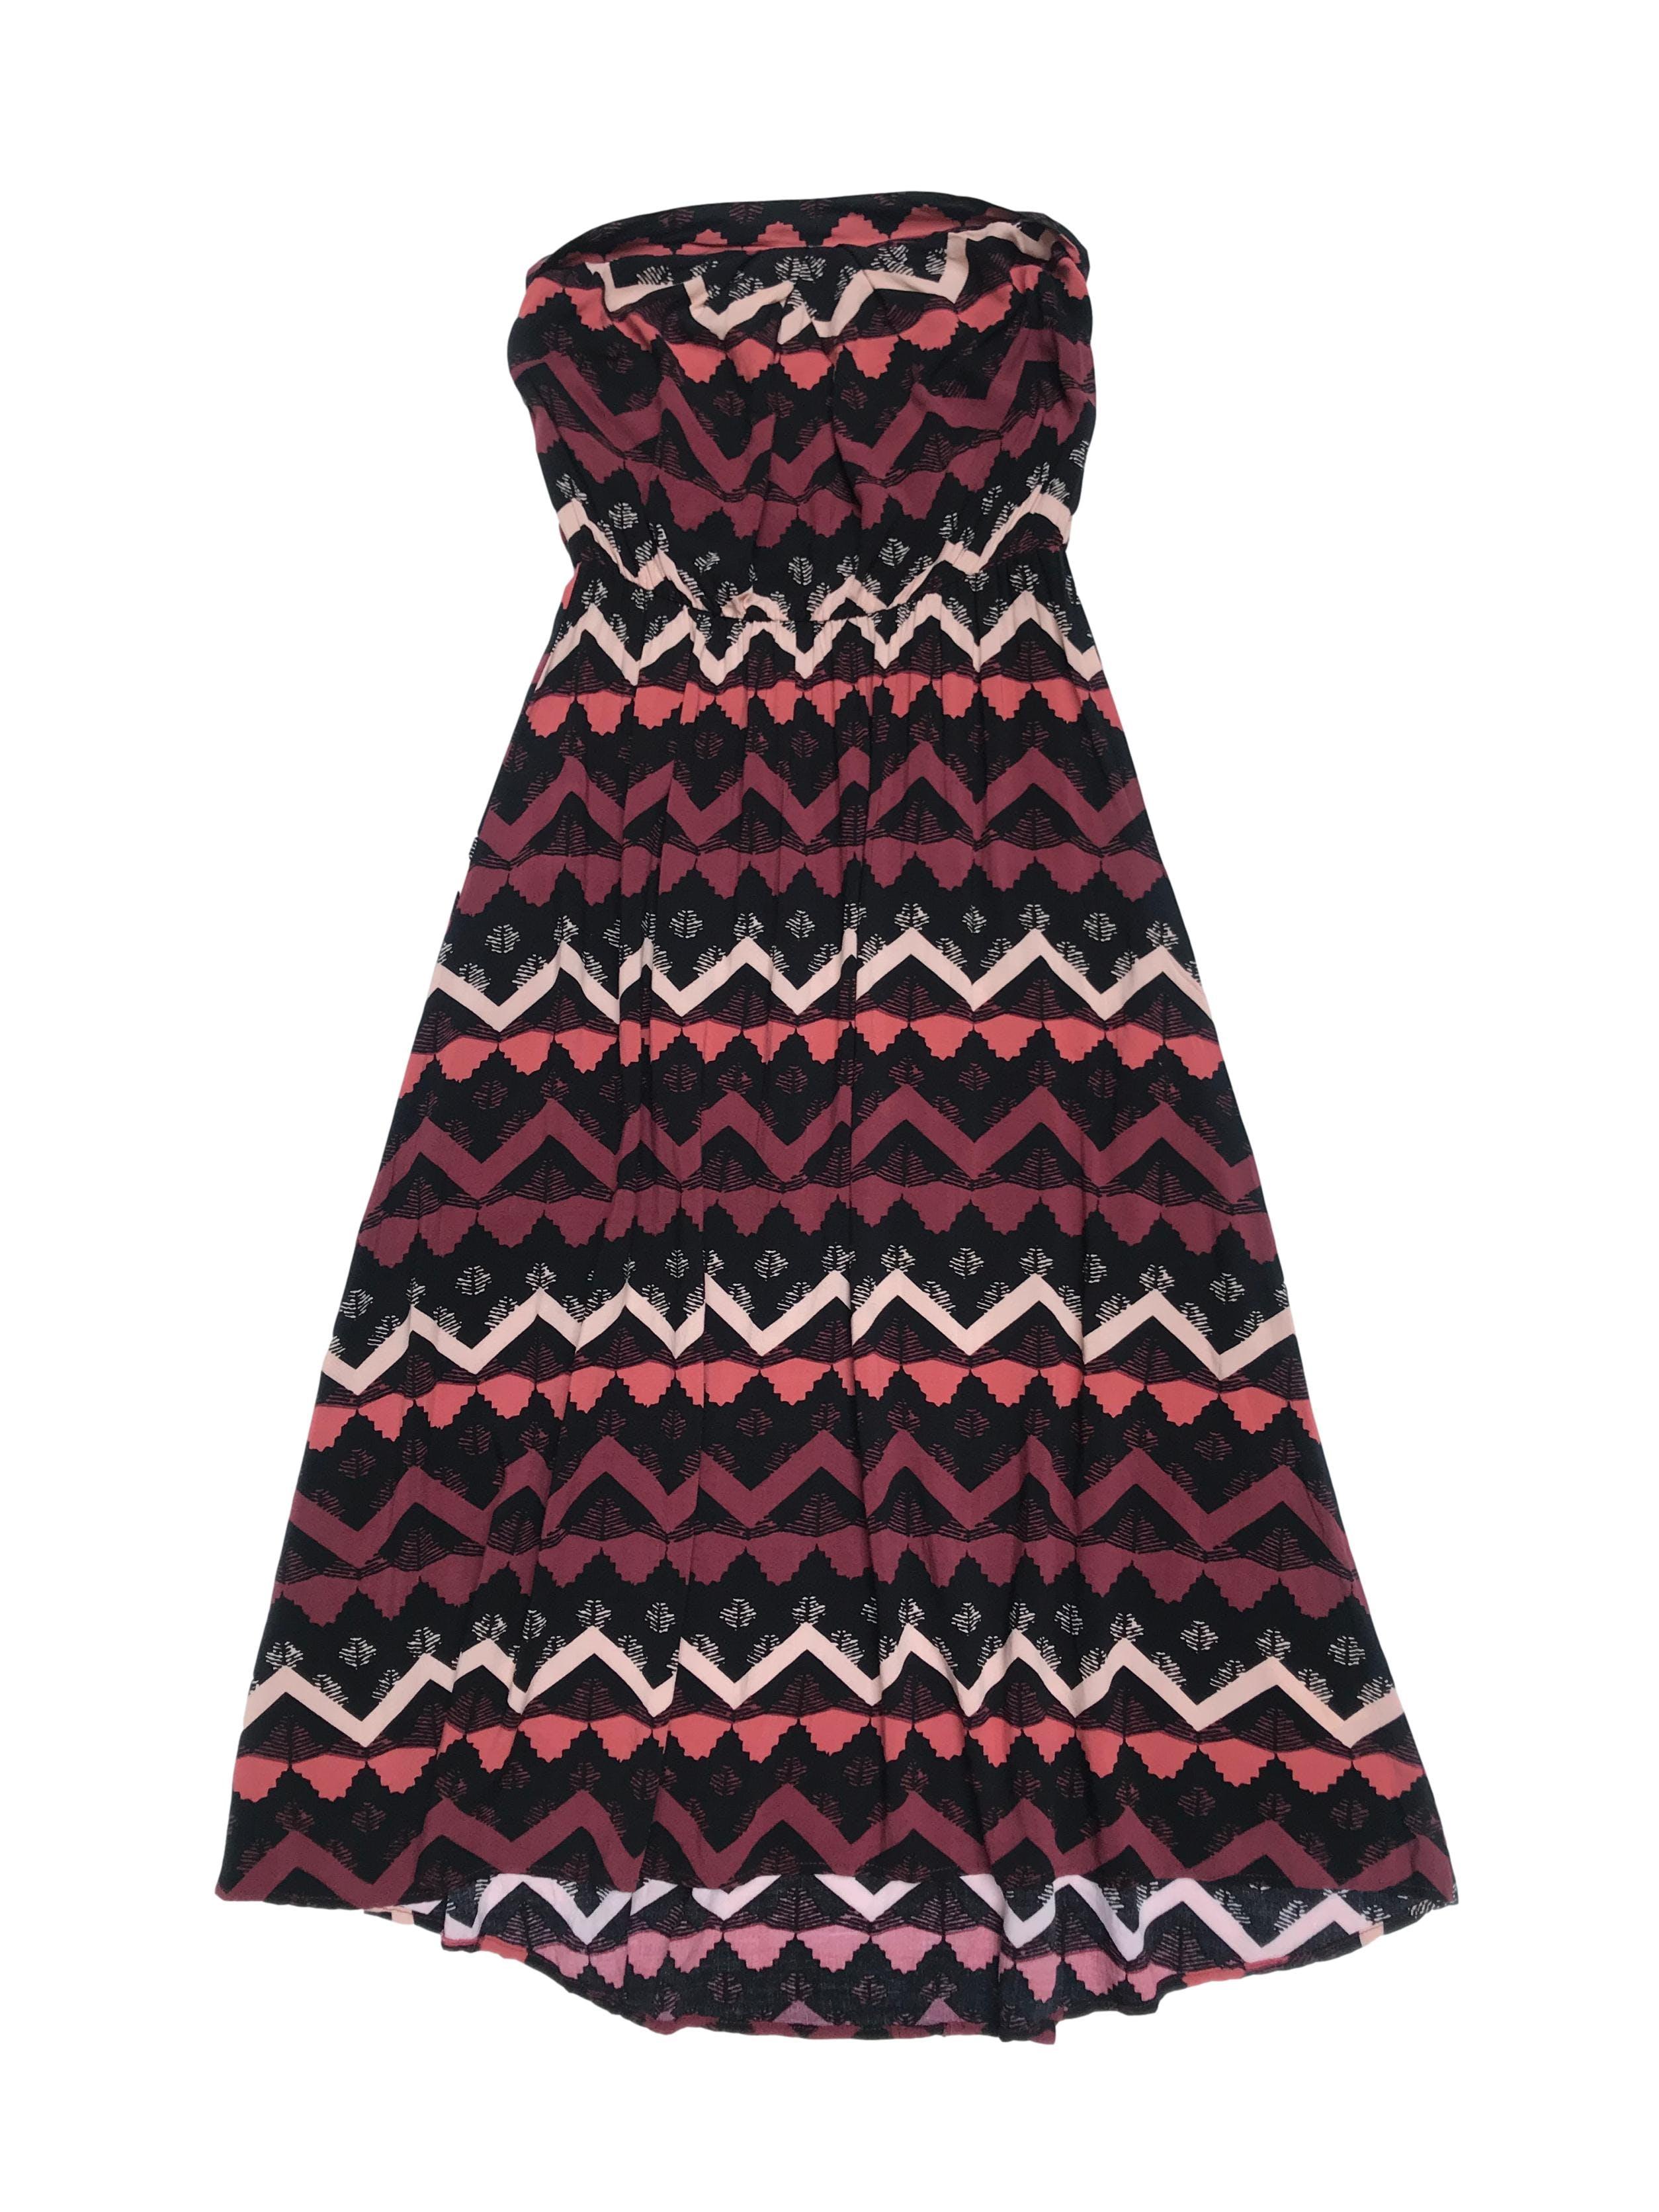 Vestido Warehouse strapless con elástico en la cintura, tela viscosa fresca con estampado en tonos guinda y negro. Largo 95cm